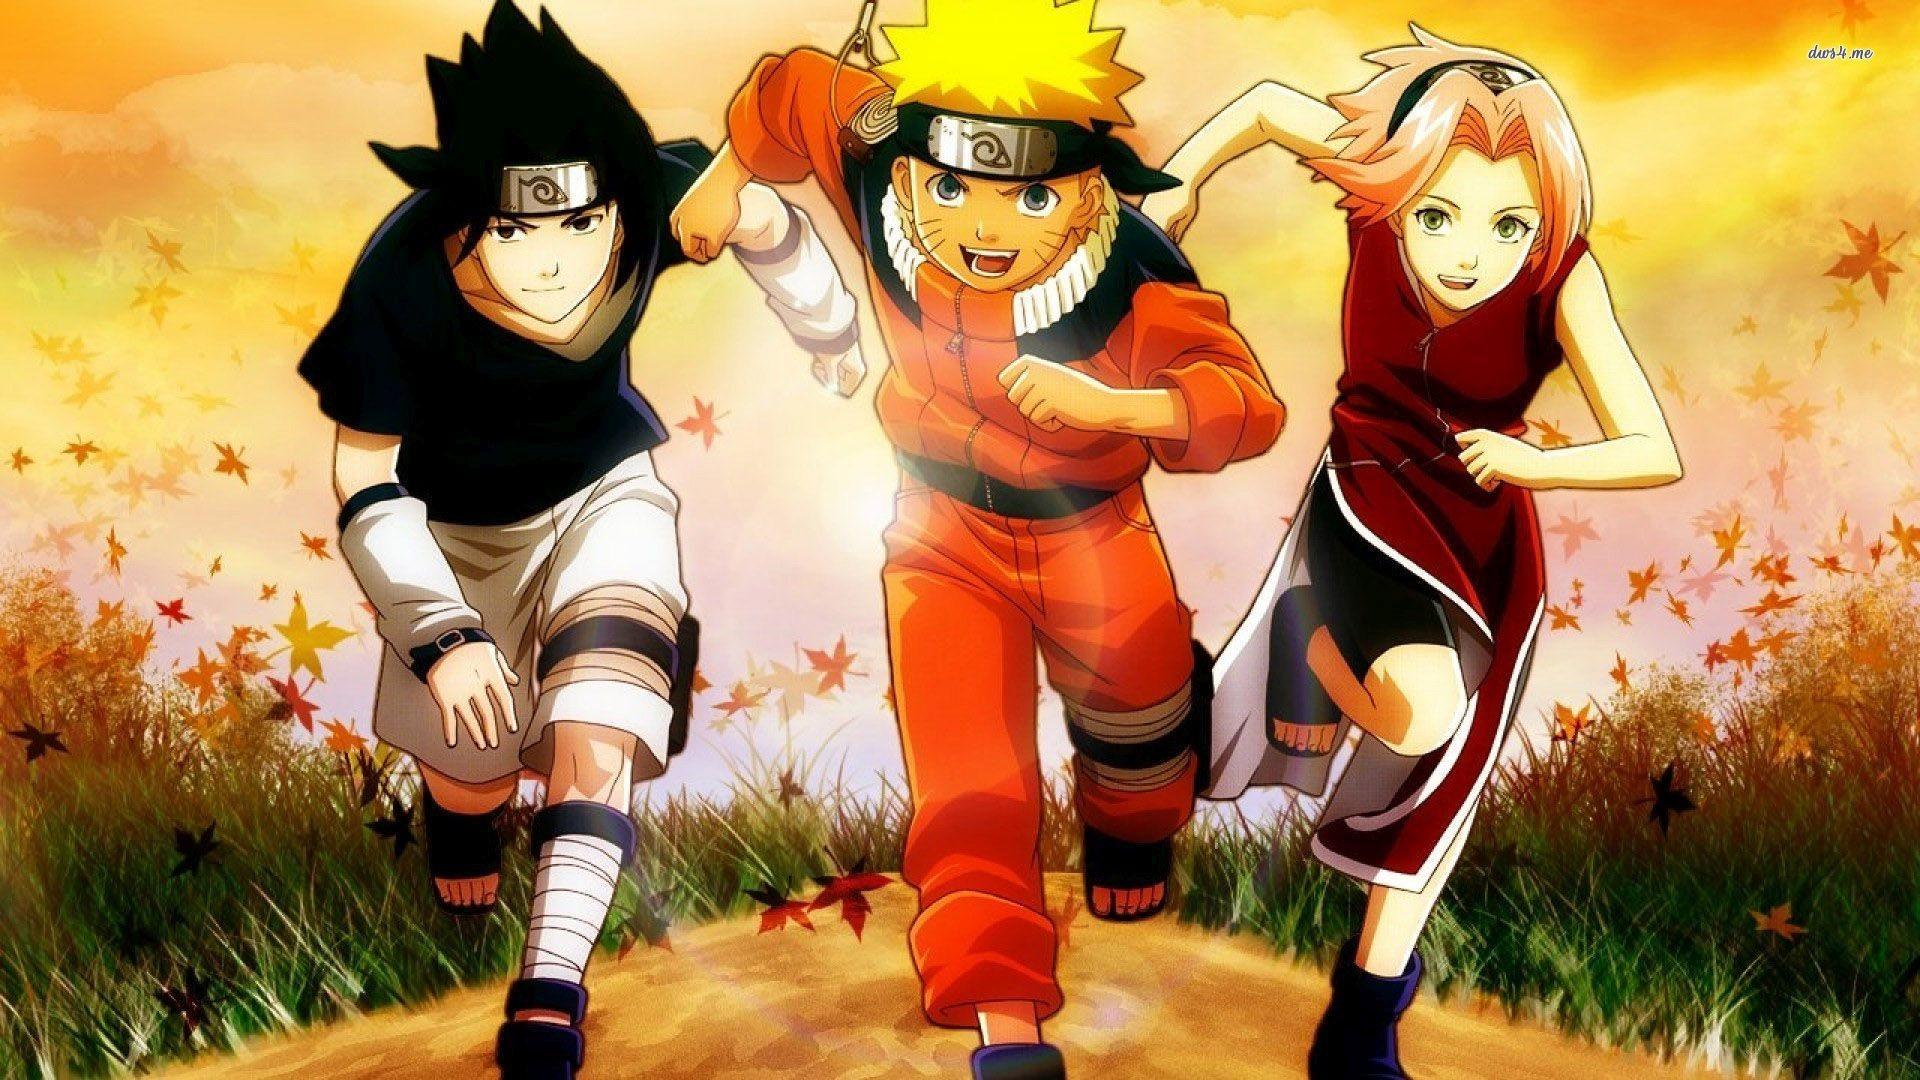 Wallpaper Of Naruto